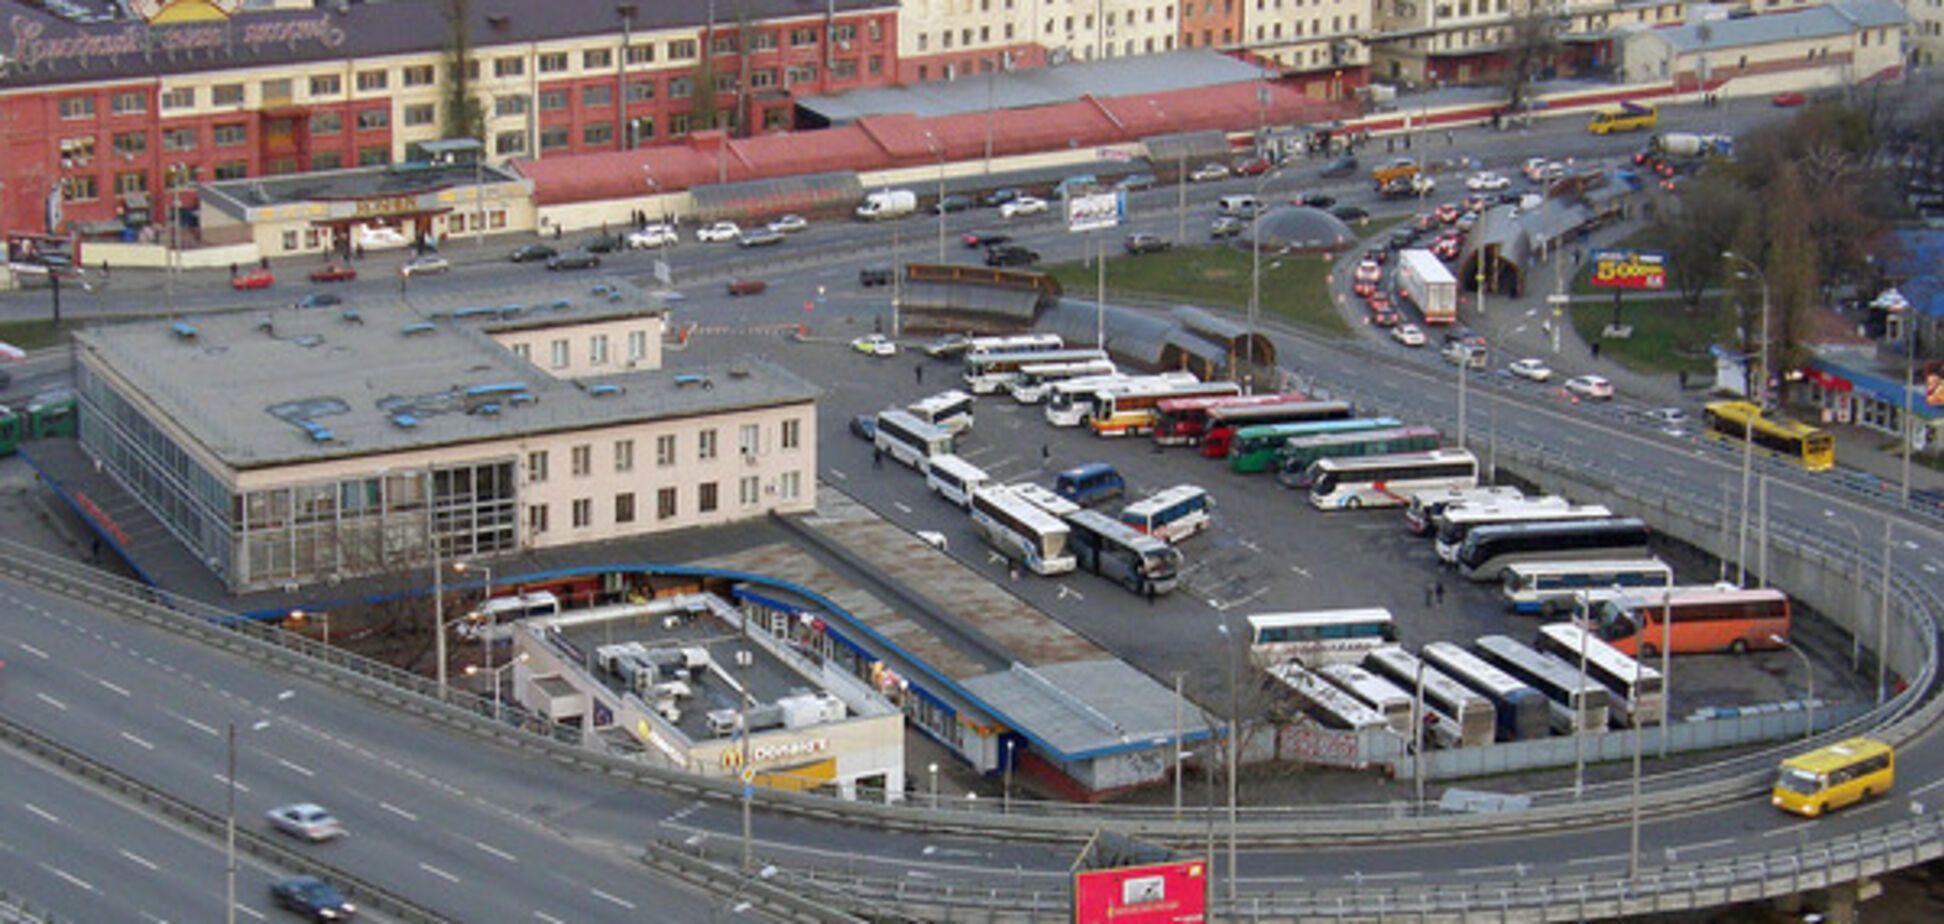 Пабат: автостанции 'Киев' и 'Южная' работают незаконно